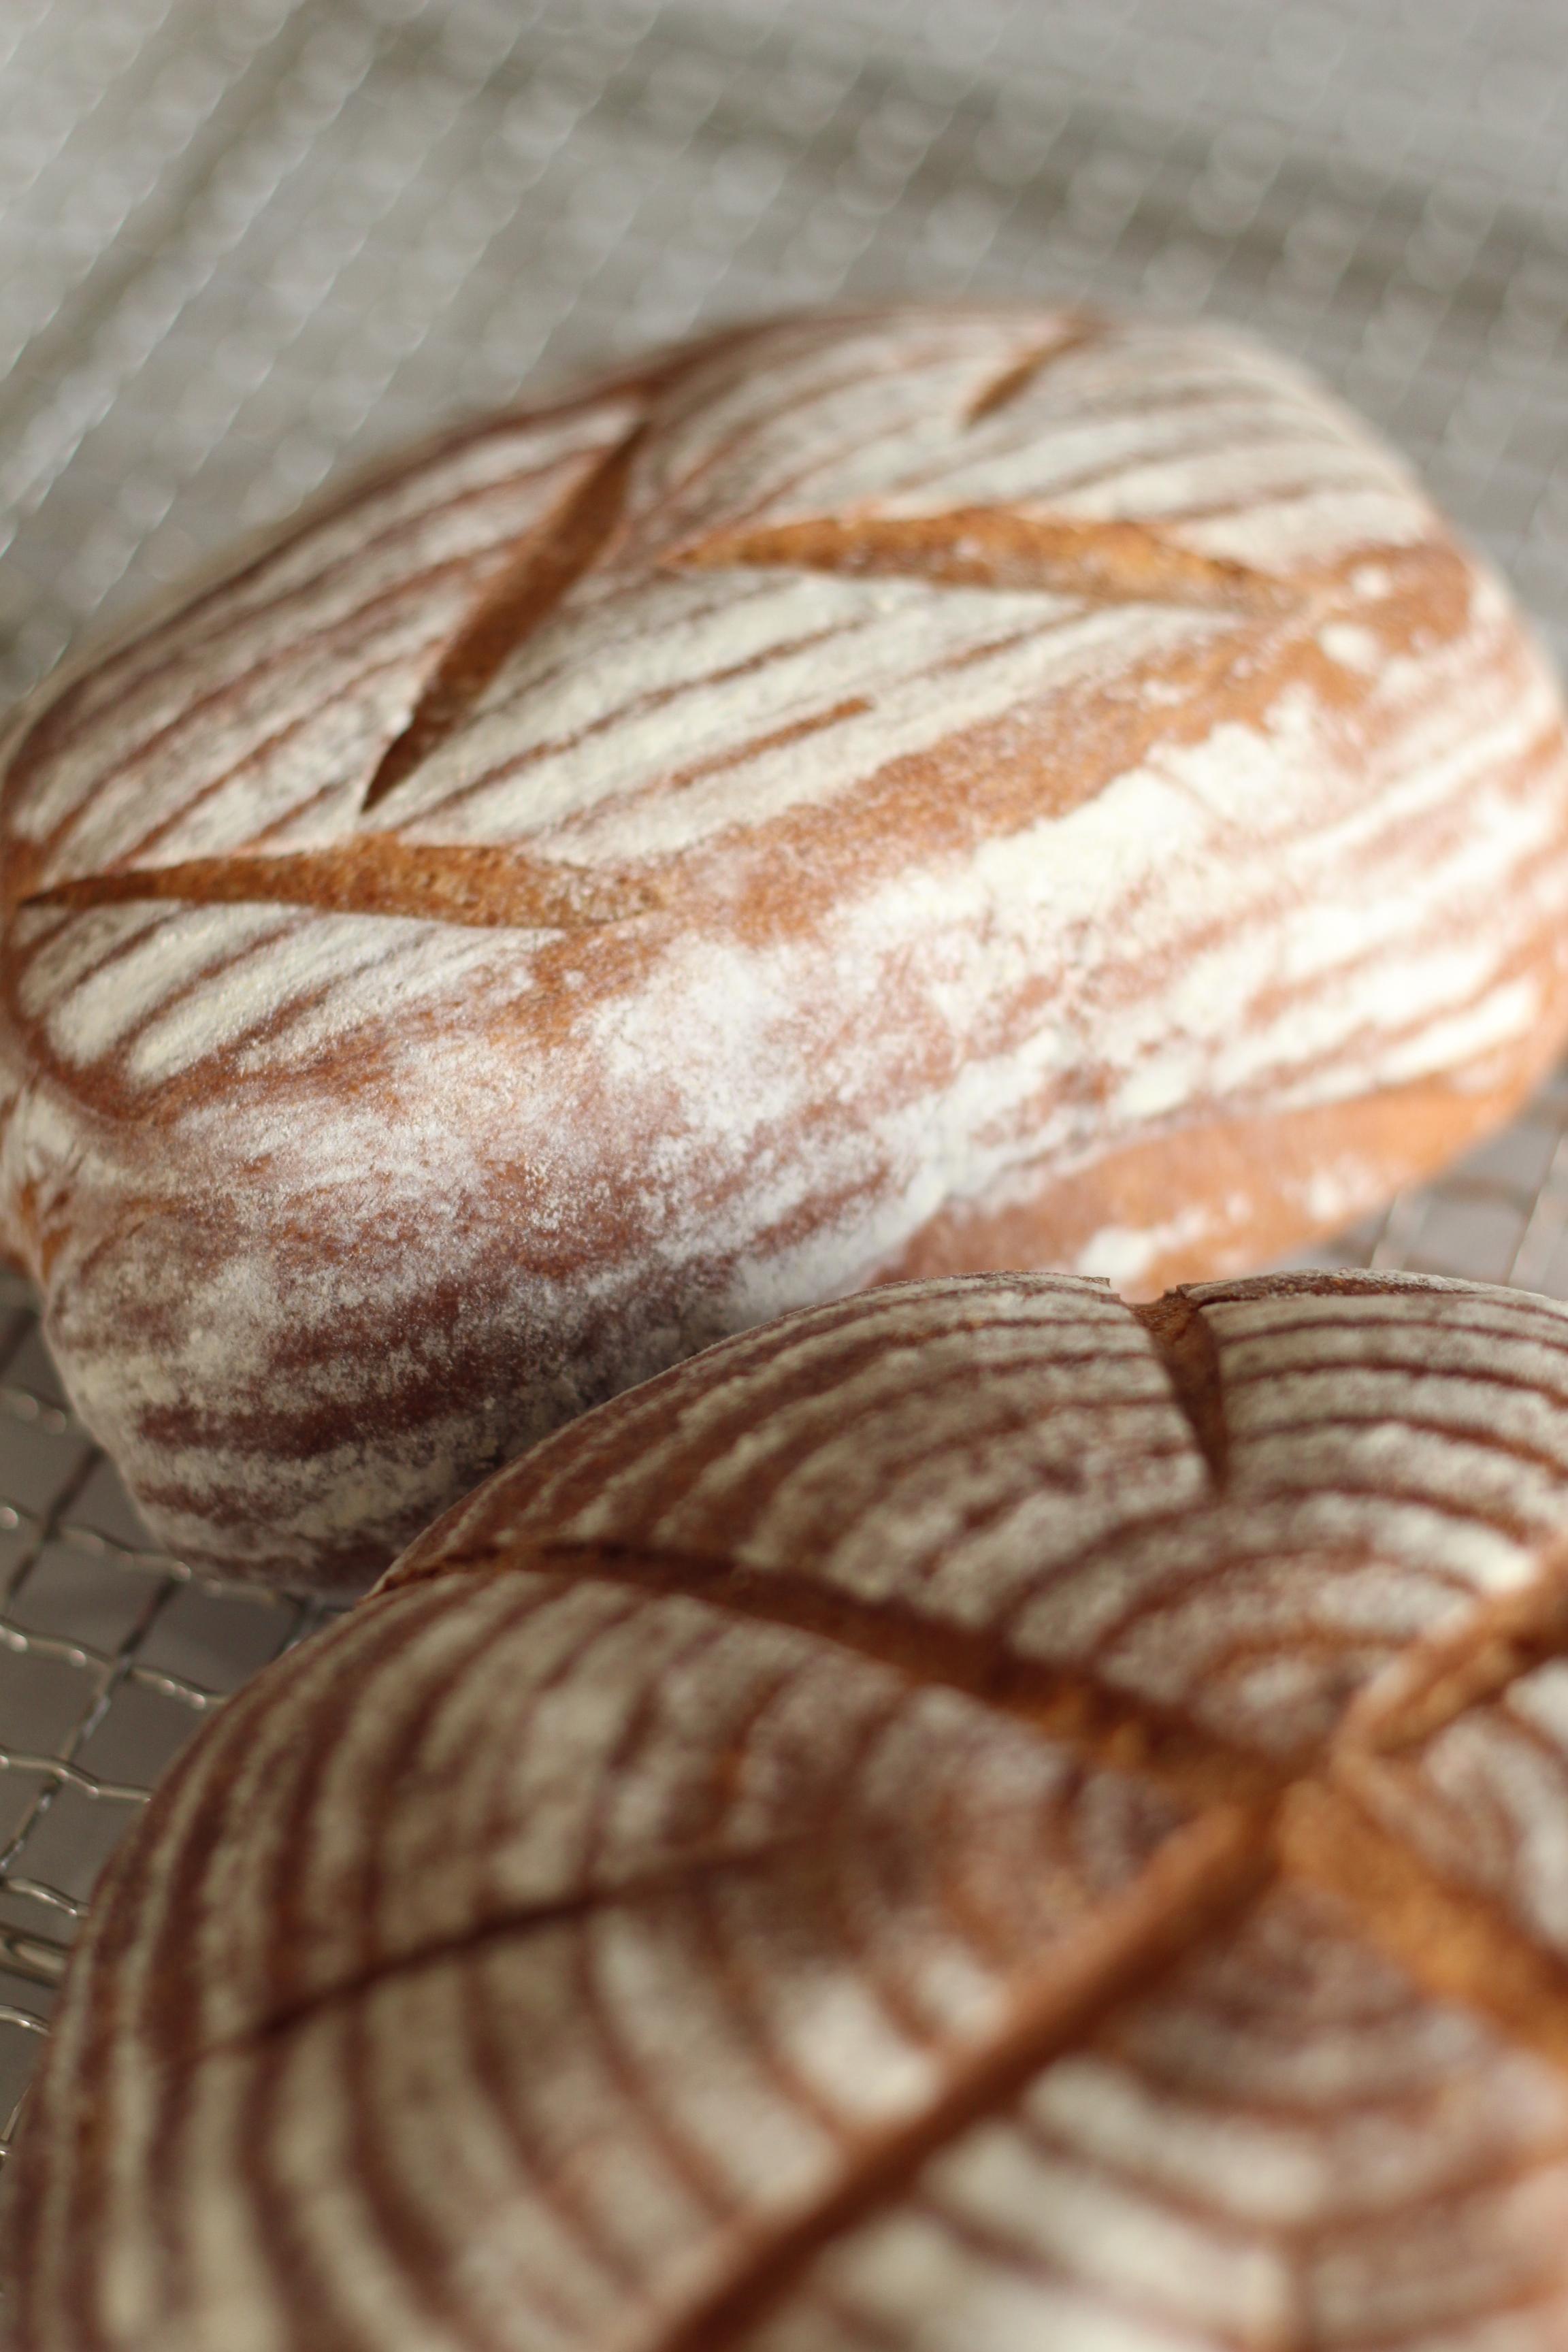 阿倍野区西田辺a-ta-sante糖質制限パン料理教室。会館でのレッスン『Wミルクブレッド』